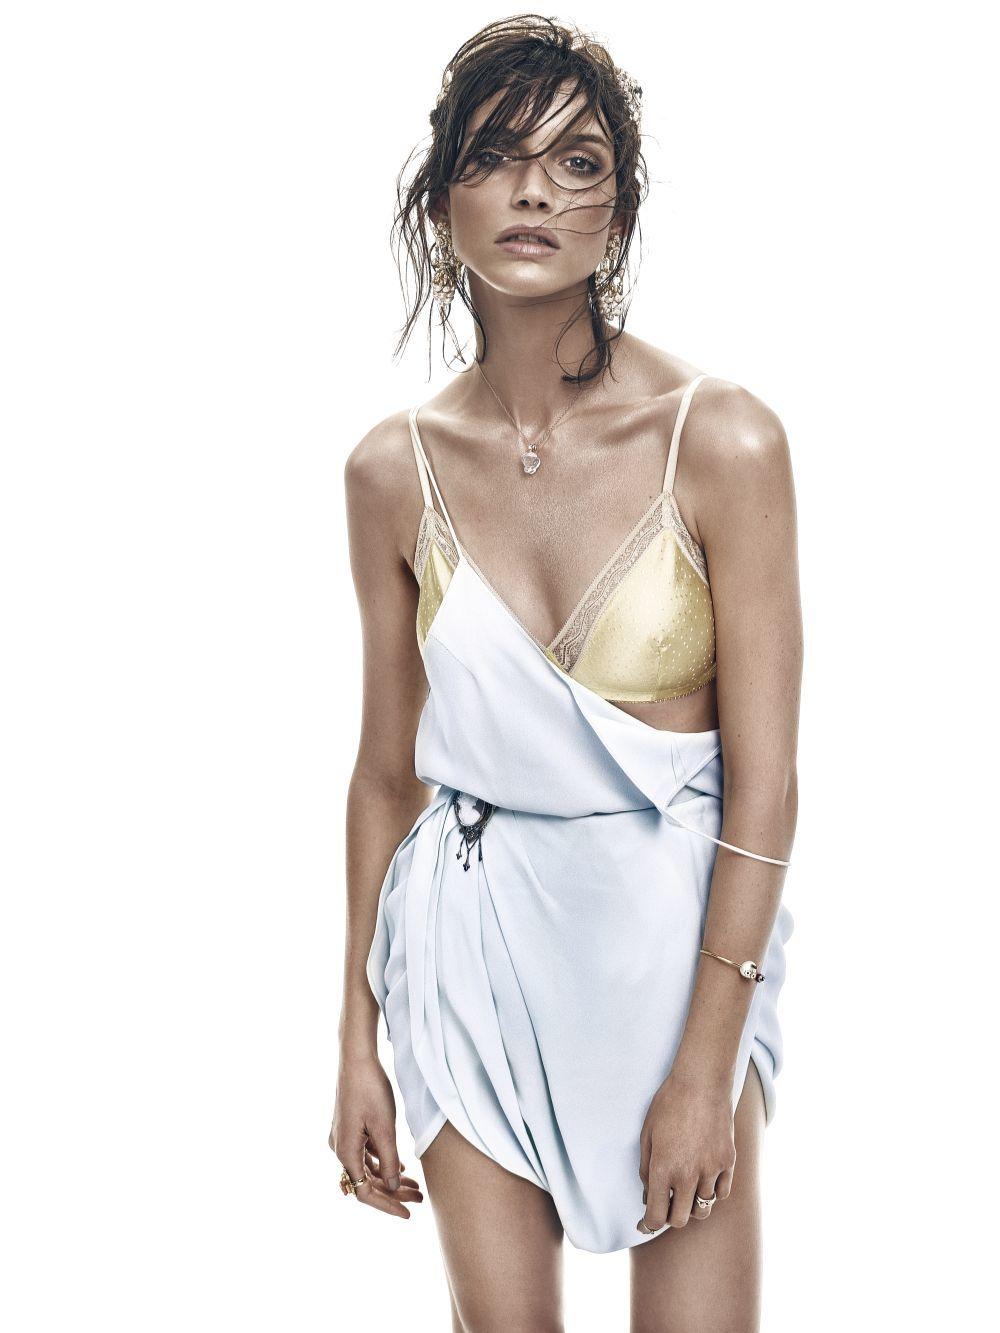 Según algunos médicos, para las mujeres con pecho pequeño, el sujetador es irrelevante ya que no existe la necesidad de sujetar que es la función de esta prenda femenina.